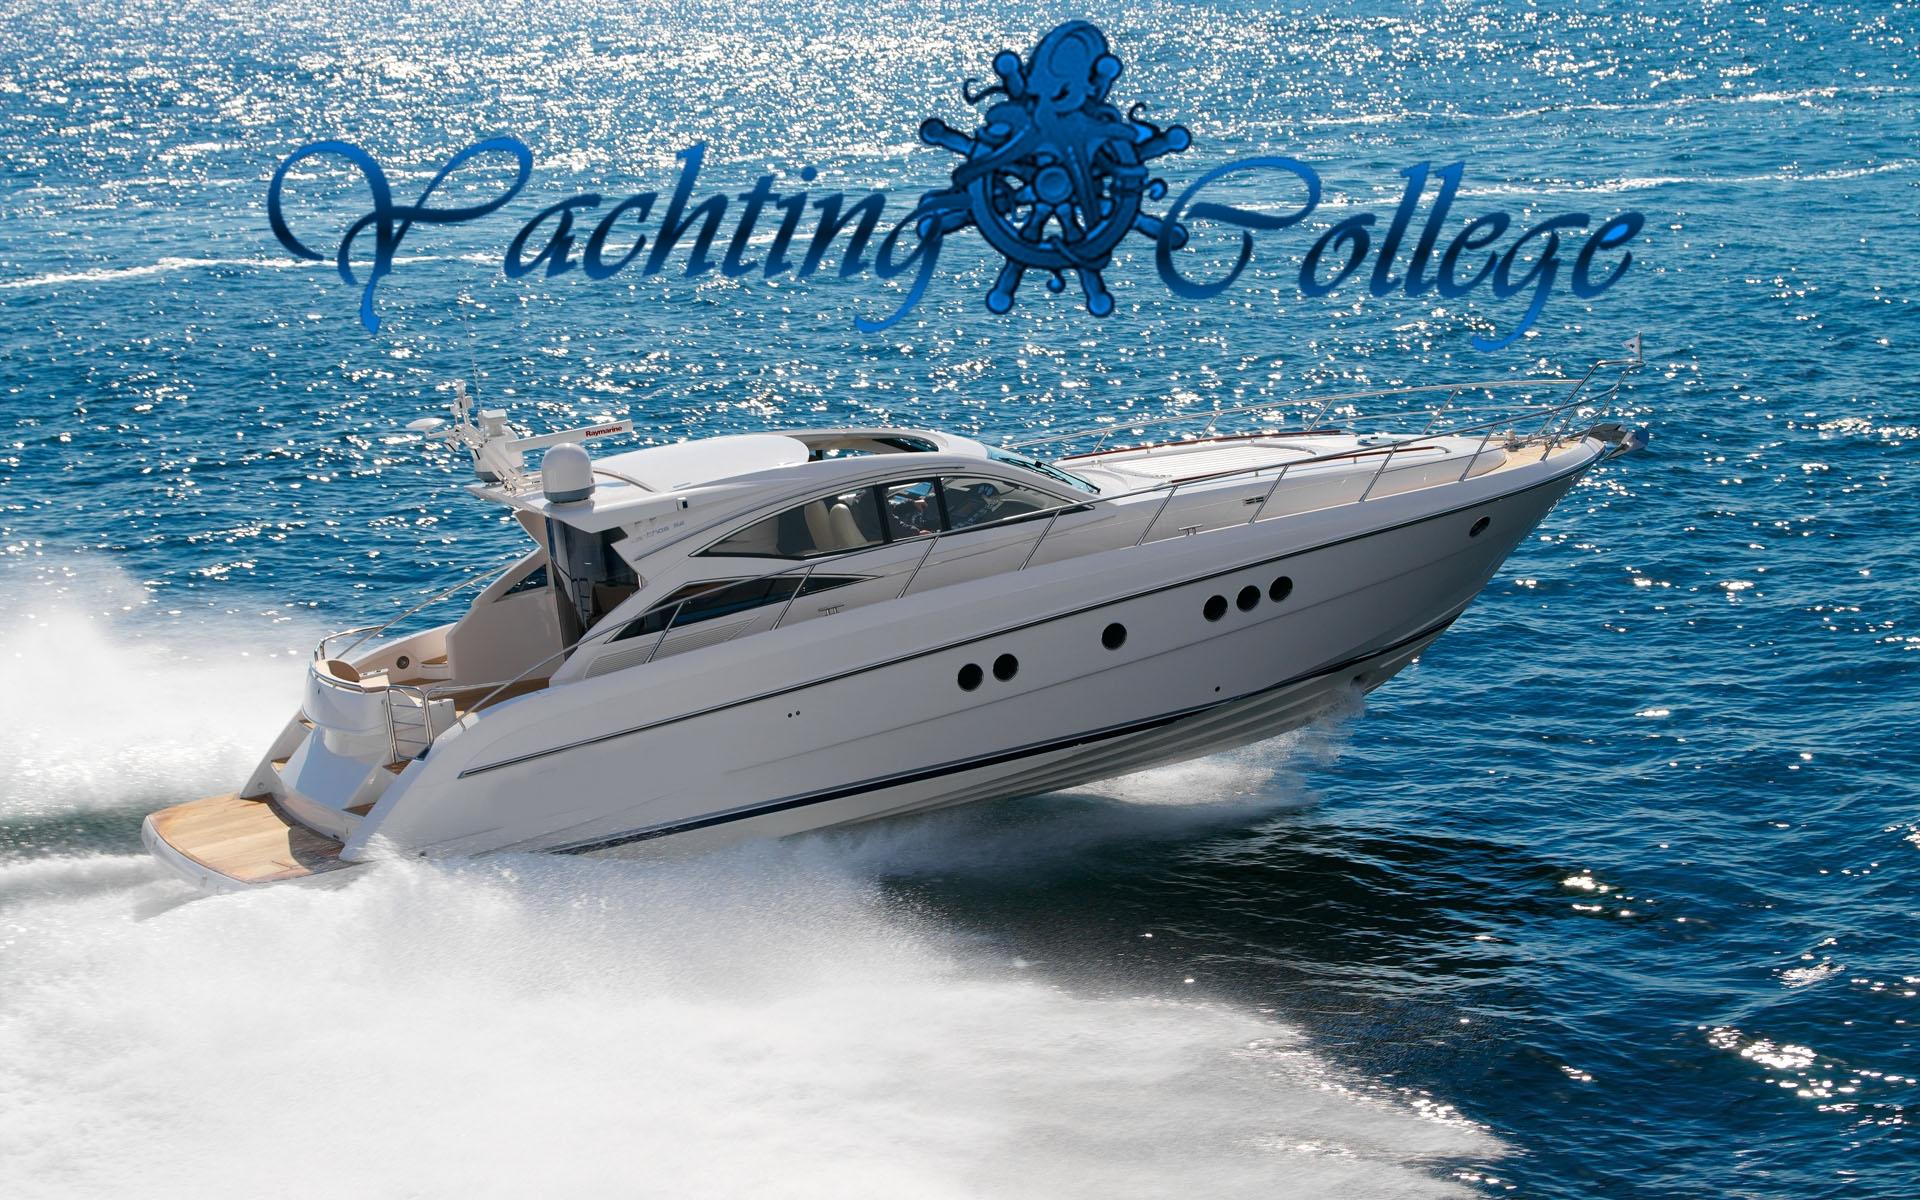 Tengeri hajóvezetői tanfolyam, hajóvezetői tréning, hajós túrák, hajó bérlés, hajó vásárlás egy helyen - Yachting College